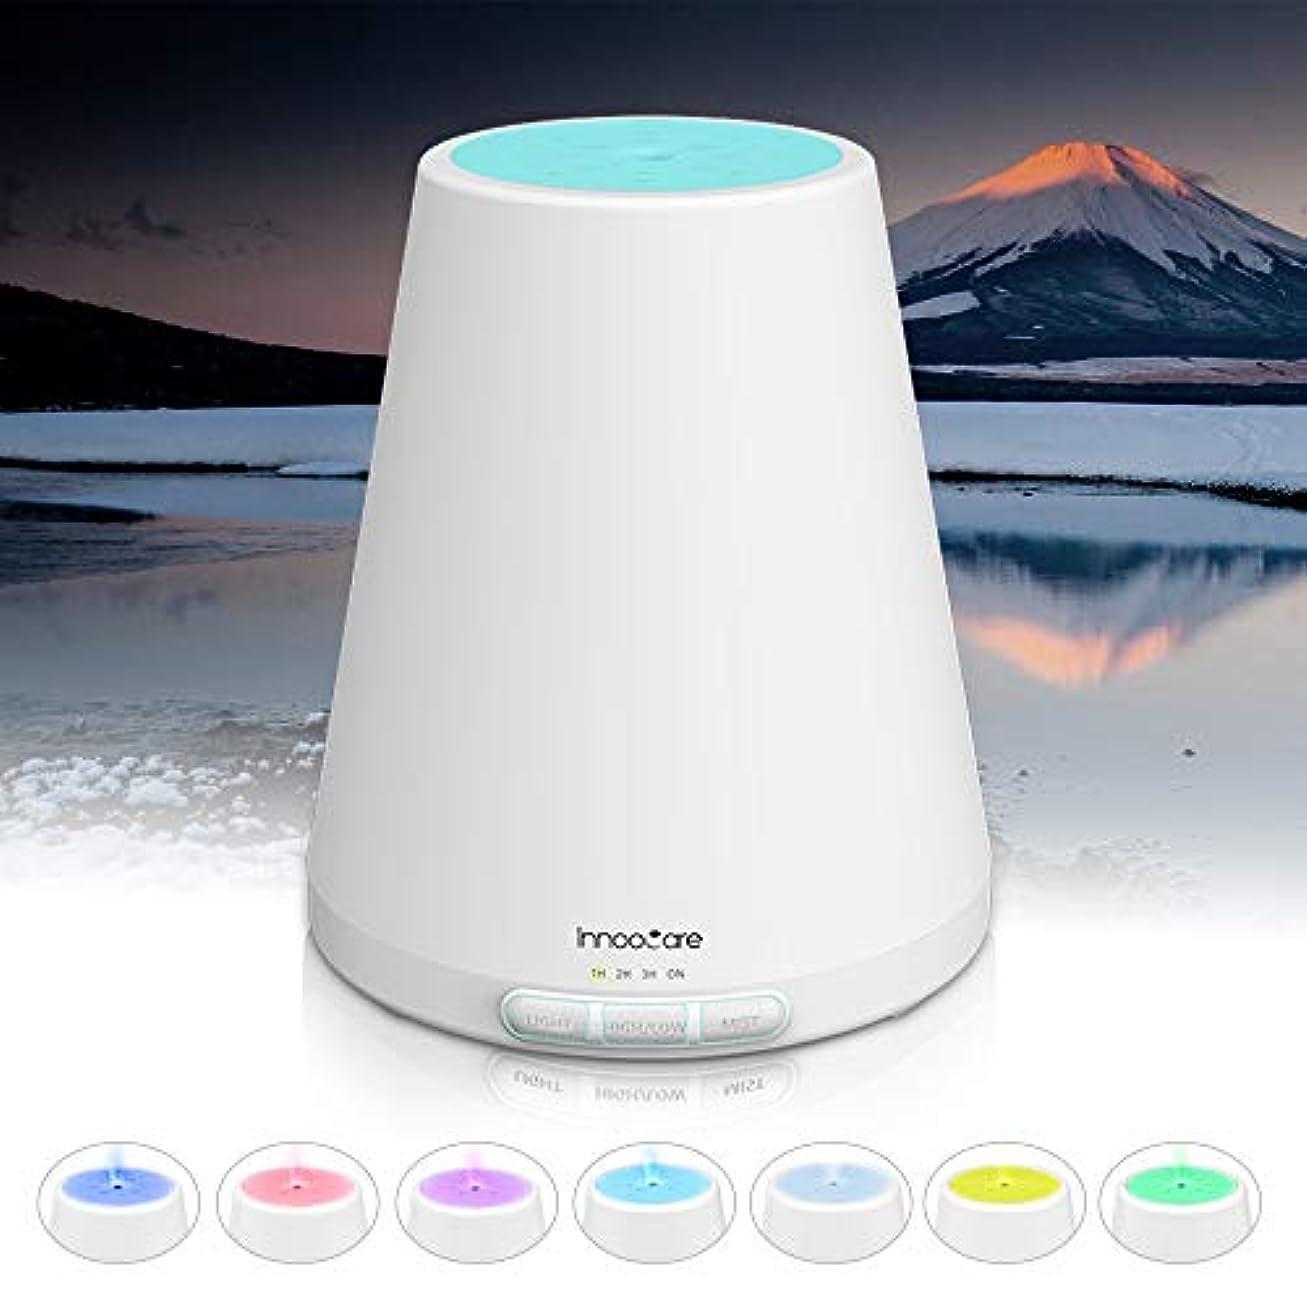 誰用量グローバルアロマディフューザー 300ml, ディフューザー アロマ加湿器, アロマでぃふゅーざー超音波 空気清浄機 7色変換LED